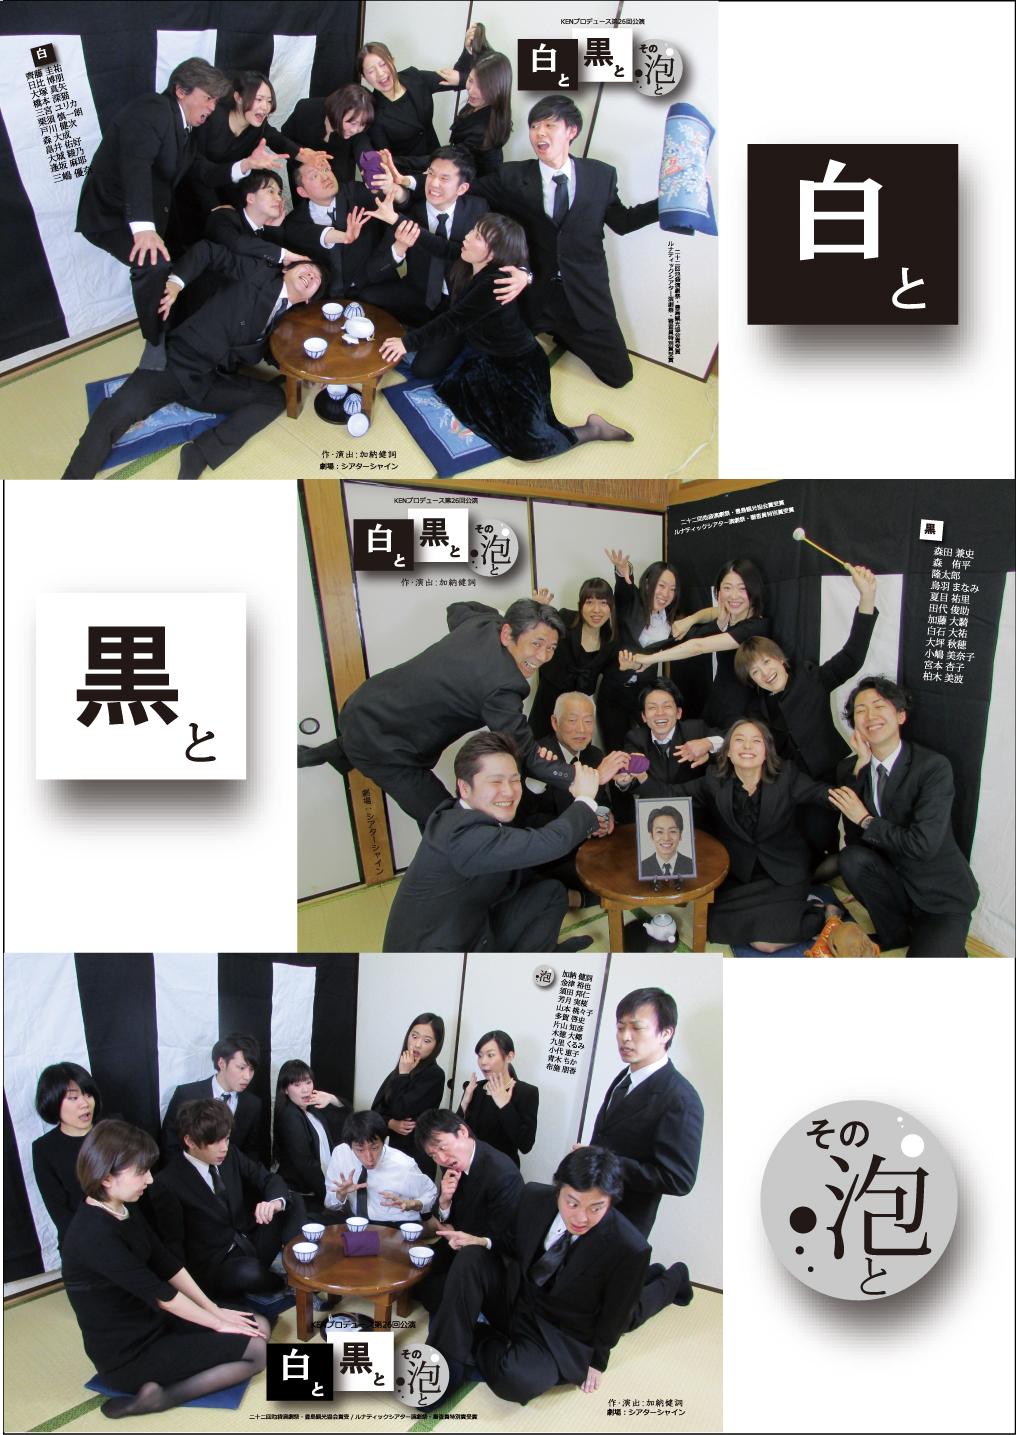 KENプロデュース第26回公演「白と黒とその泡と」【各チーム版】